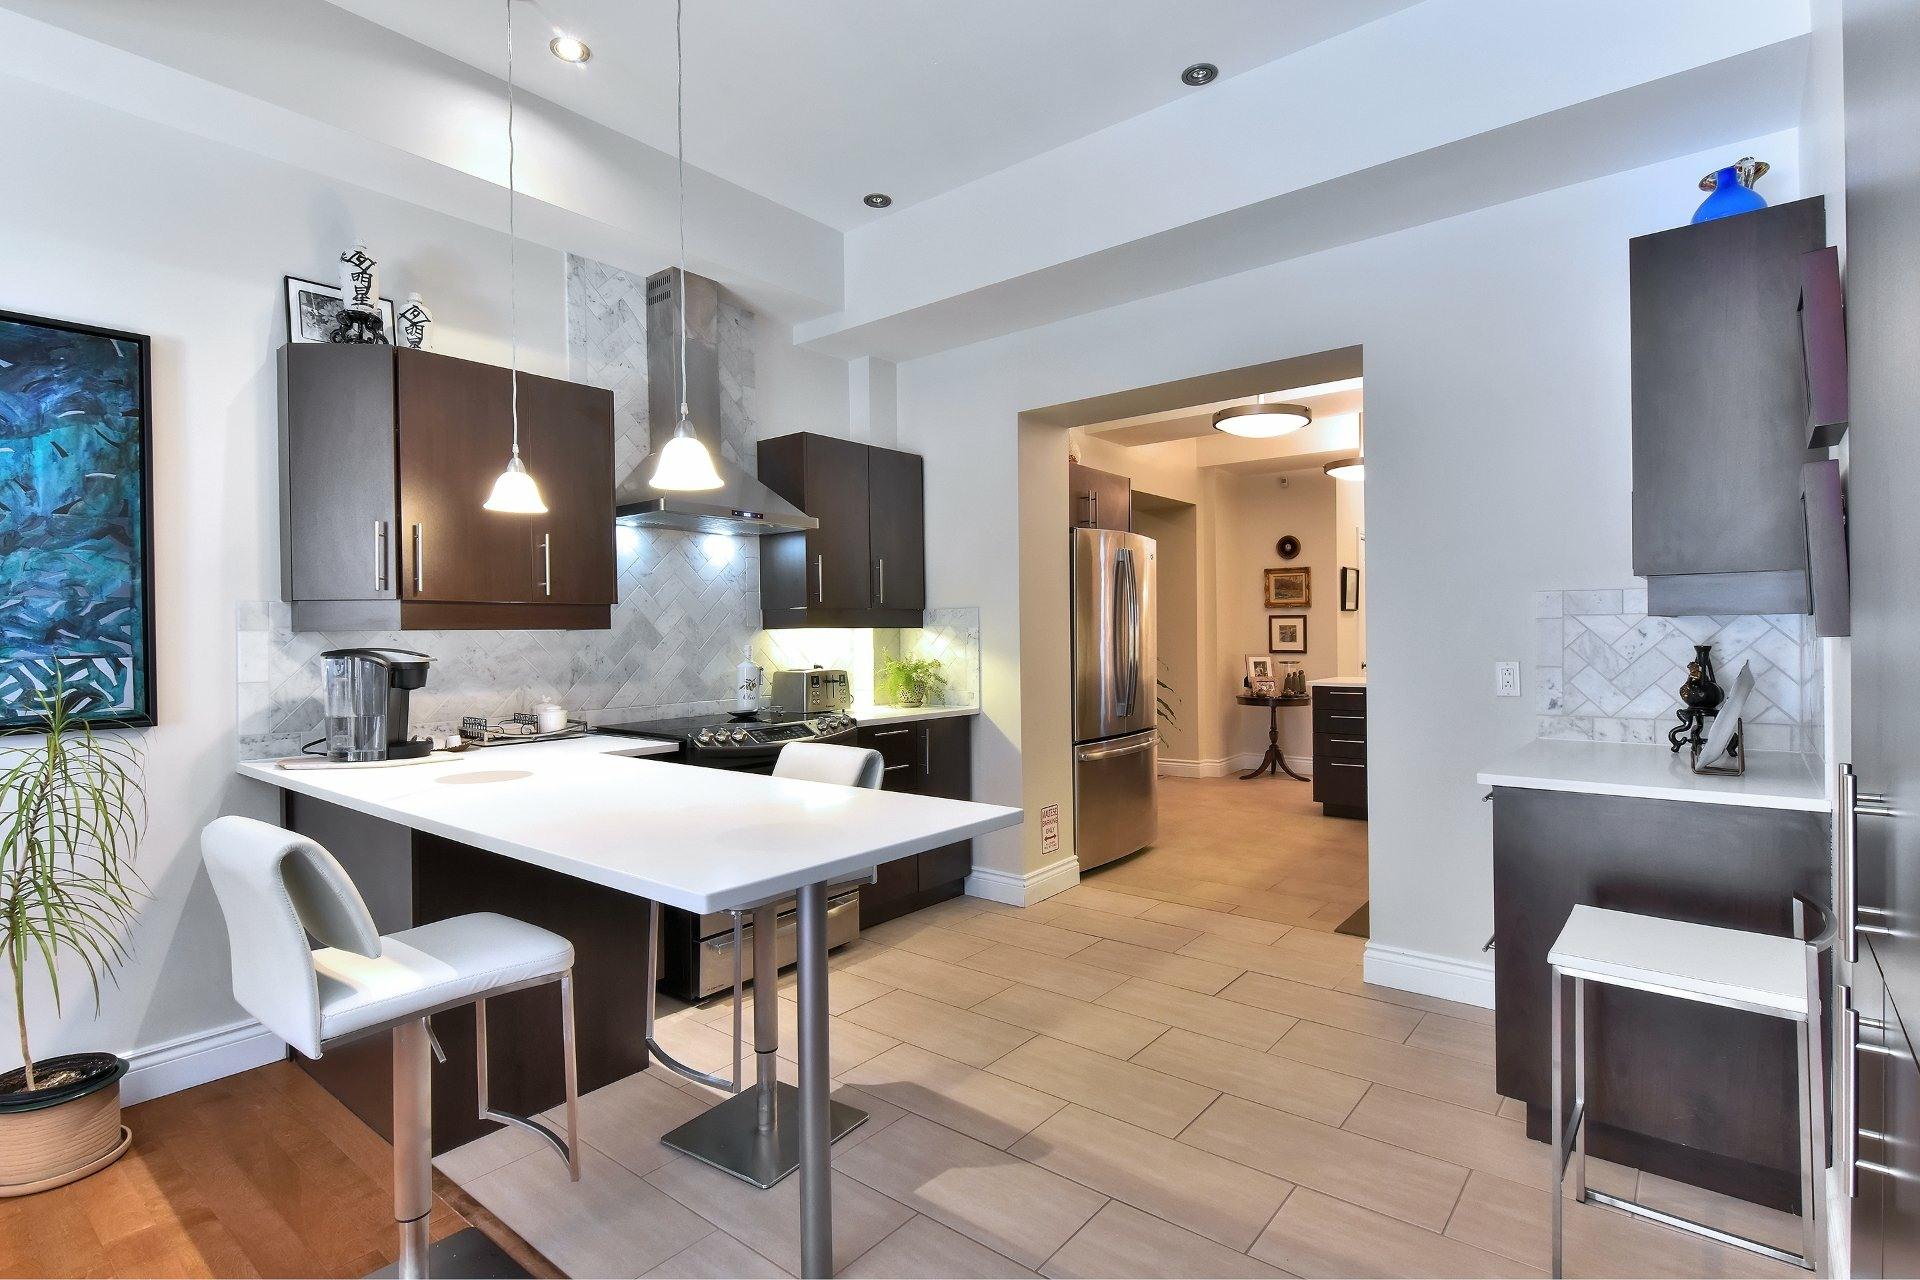 image 10 - 公寓 出售 Côte-des-Neiges/Notre-Dame-de-Grâce Montréal  - 5 室